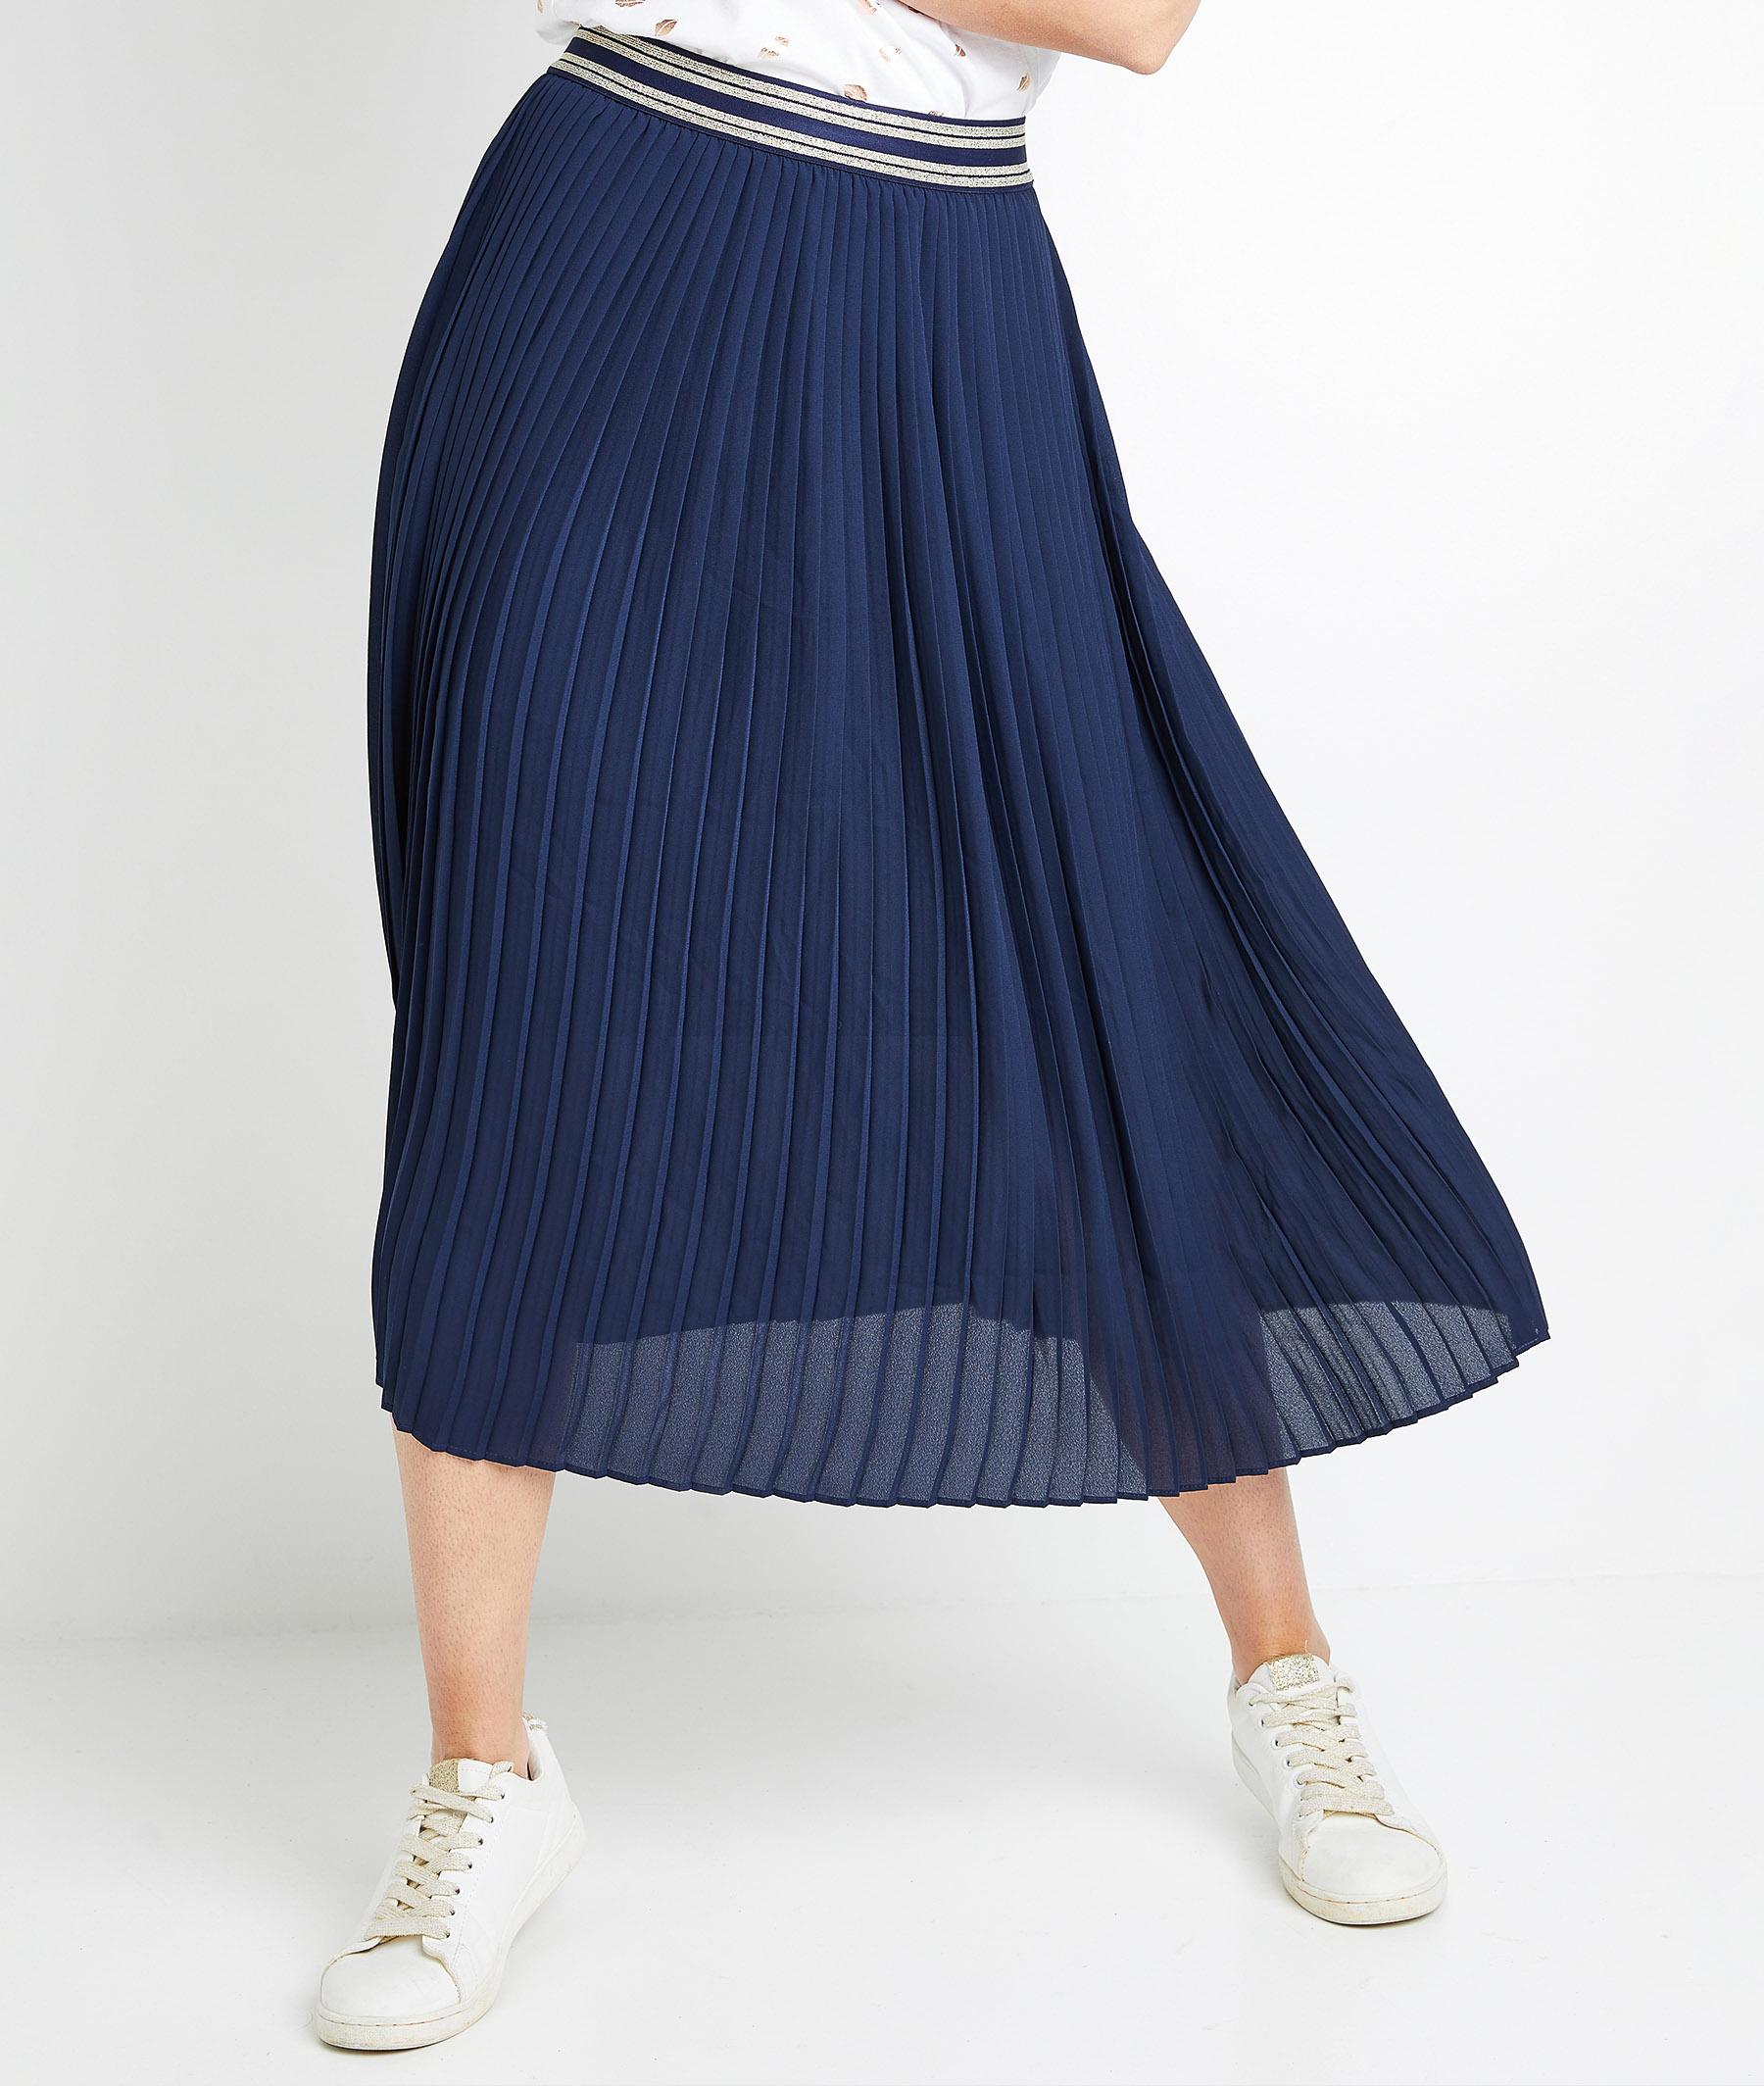 Jupe plissée marine femme MARINE